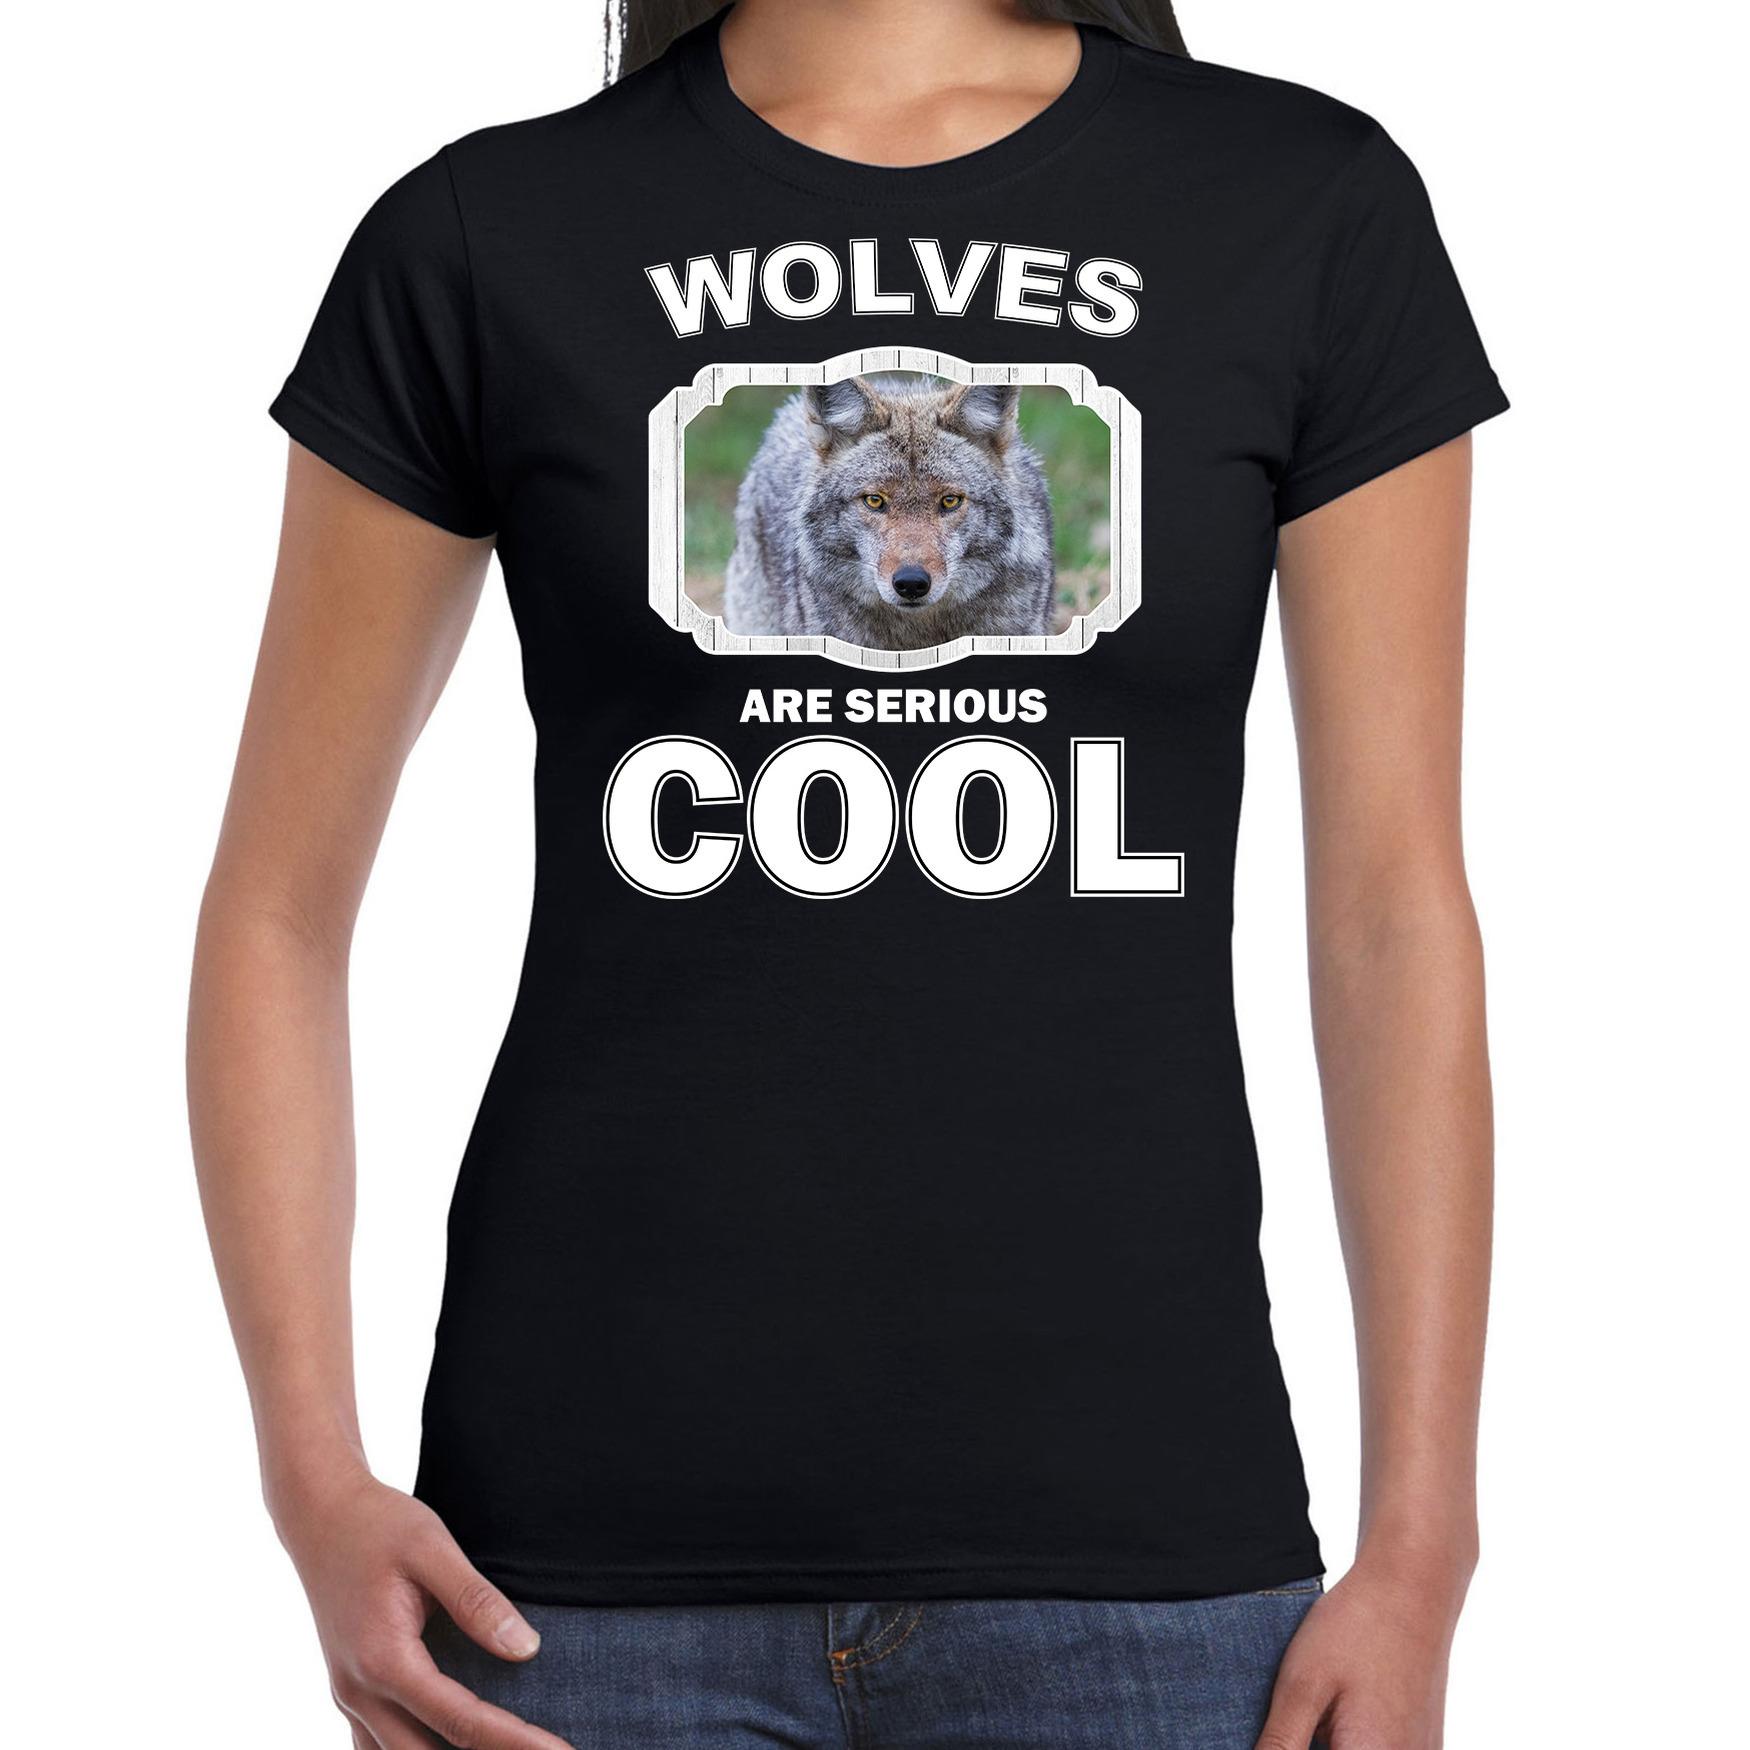 T-shirt wolves are serious cool zwart dames - wolven/ wolf shirt